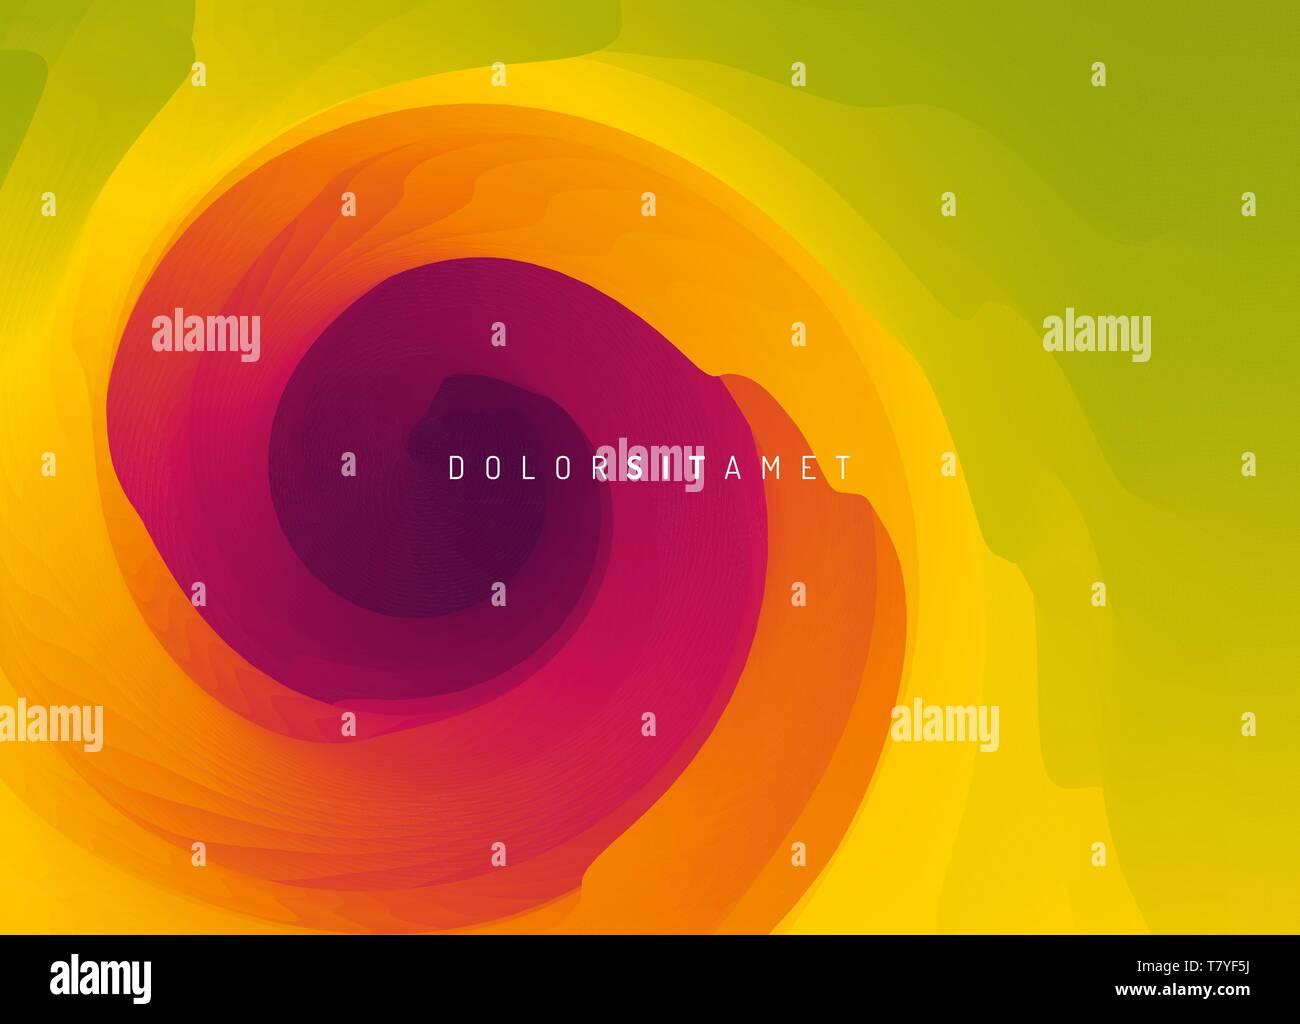 Zusammenfassung Hintergrund mit dynamischen Wirkung. Motion Vector Illustration. Trendy Gradienten. Rotation und wirbelnden Bewegung. Können für Werbezwecke verwendet werden, Ma Stockbild